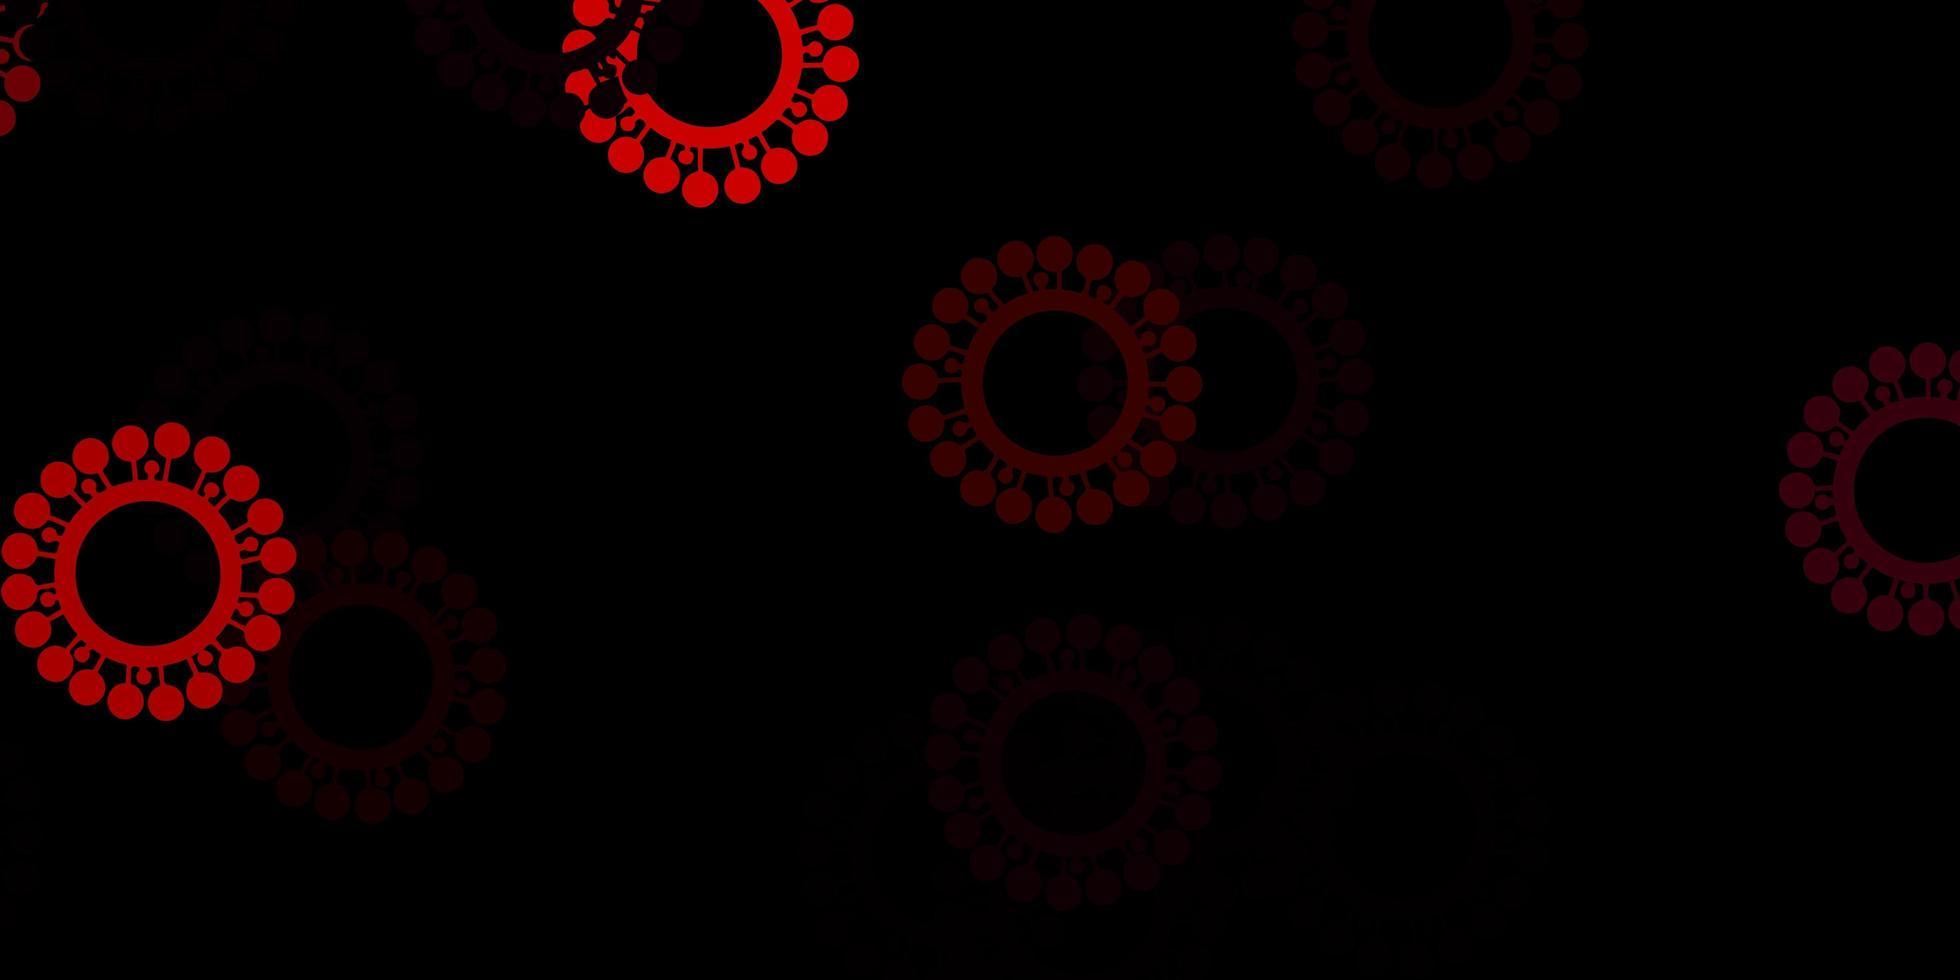 trama vettoriale rosa scuro con simboli di malattia.